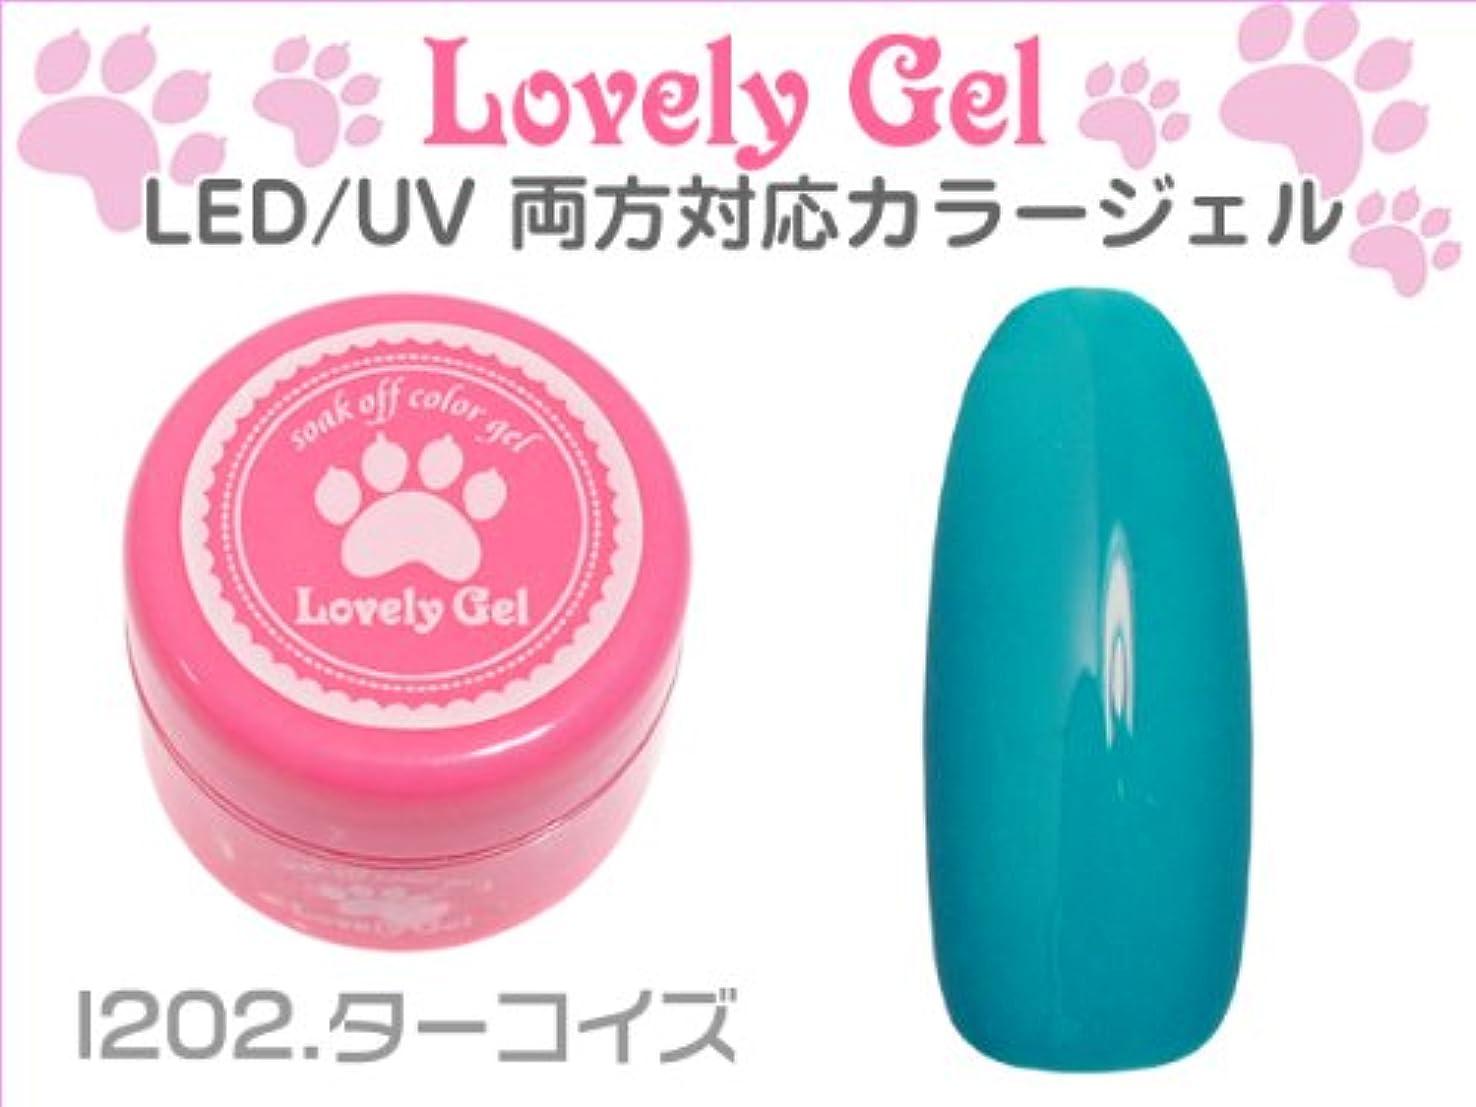 親愛な恋人金貸し;カラージェル 高品質 [I202.ターコイズ]ジェルネイルスモーキー&ダークカラー UV LED対応 柔らかくて塗りやすい